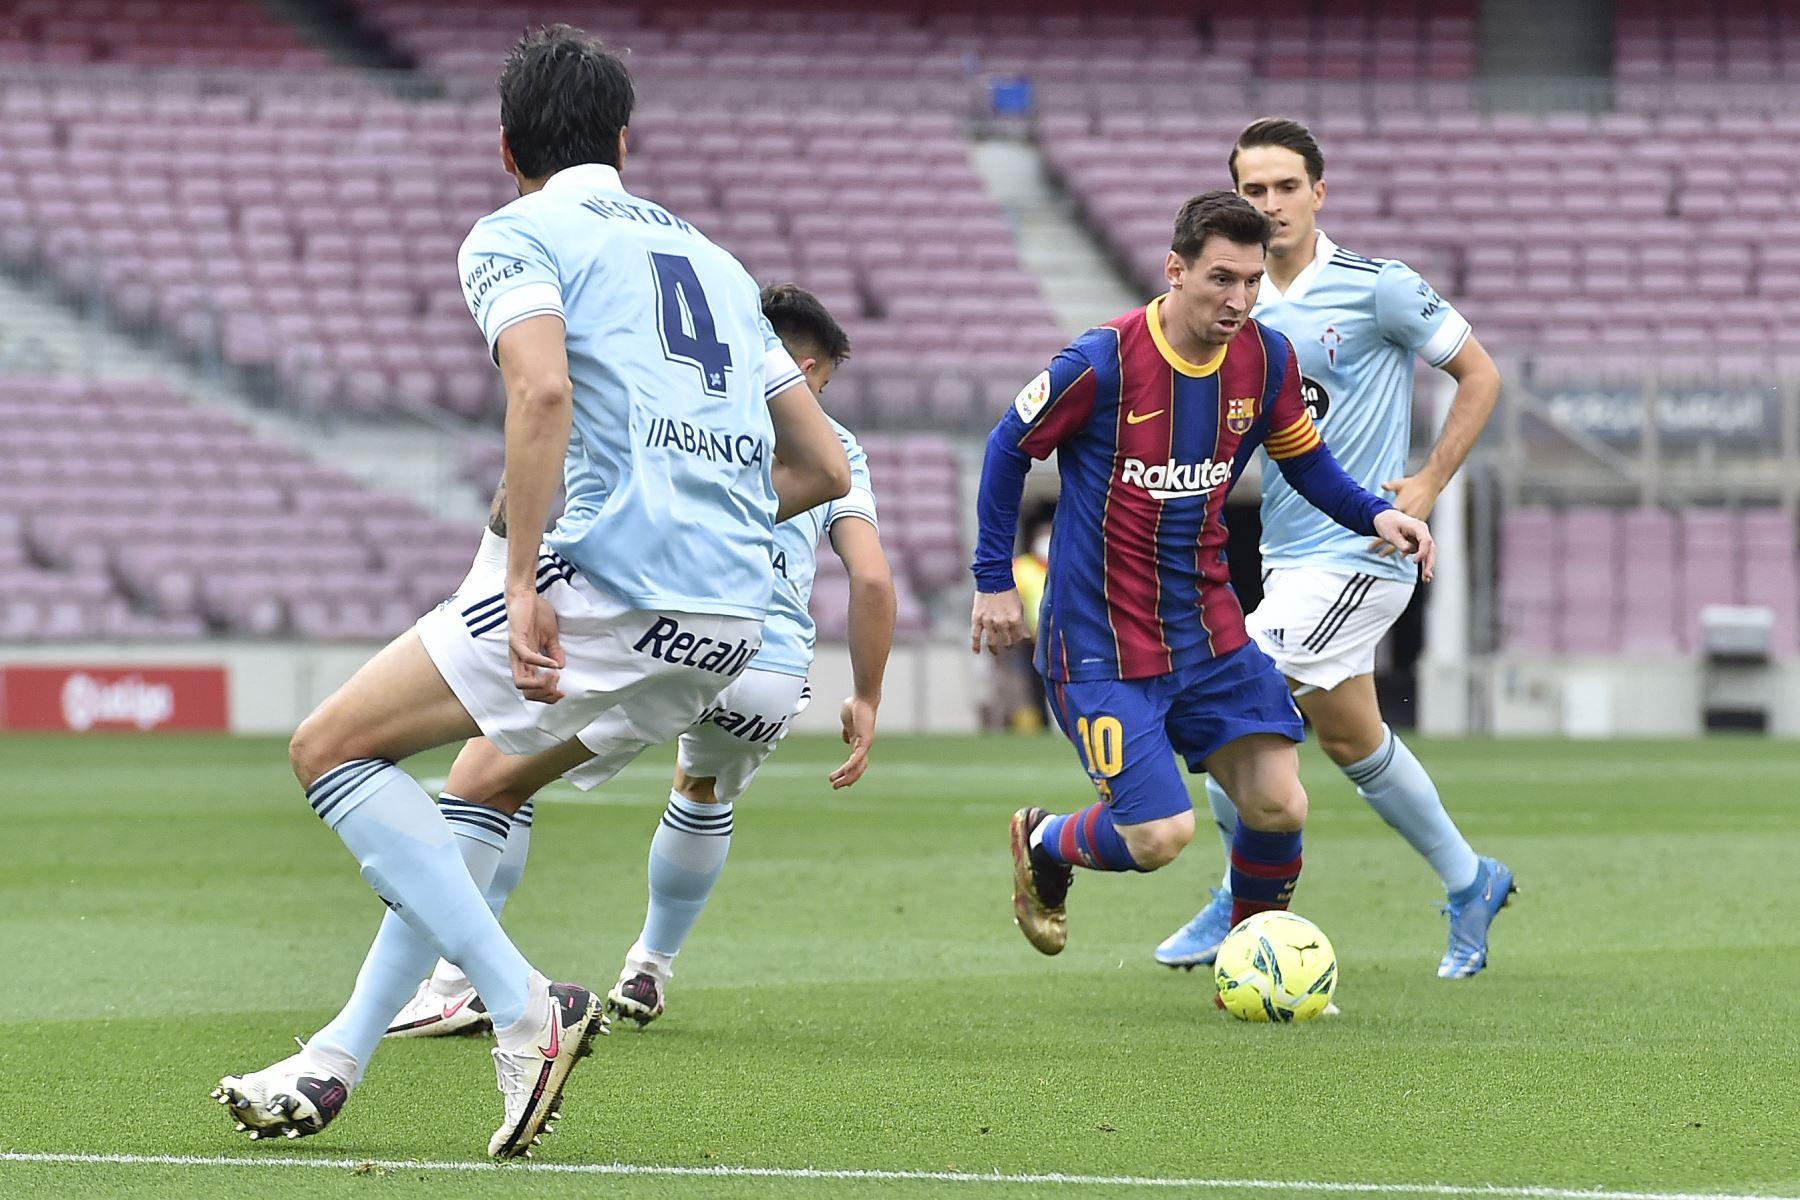 El delantero argentino del Barcelona Lionel Messi bota el balón durante el partido de fútbol de la Liga española entre el FC Barcelona y el RC Celta de Vigo. Foto: AFP